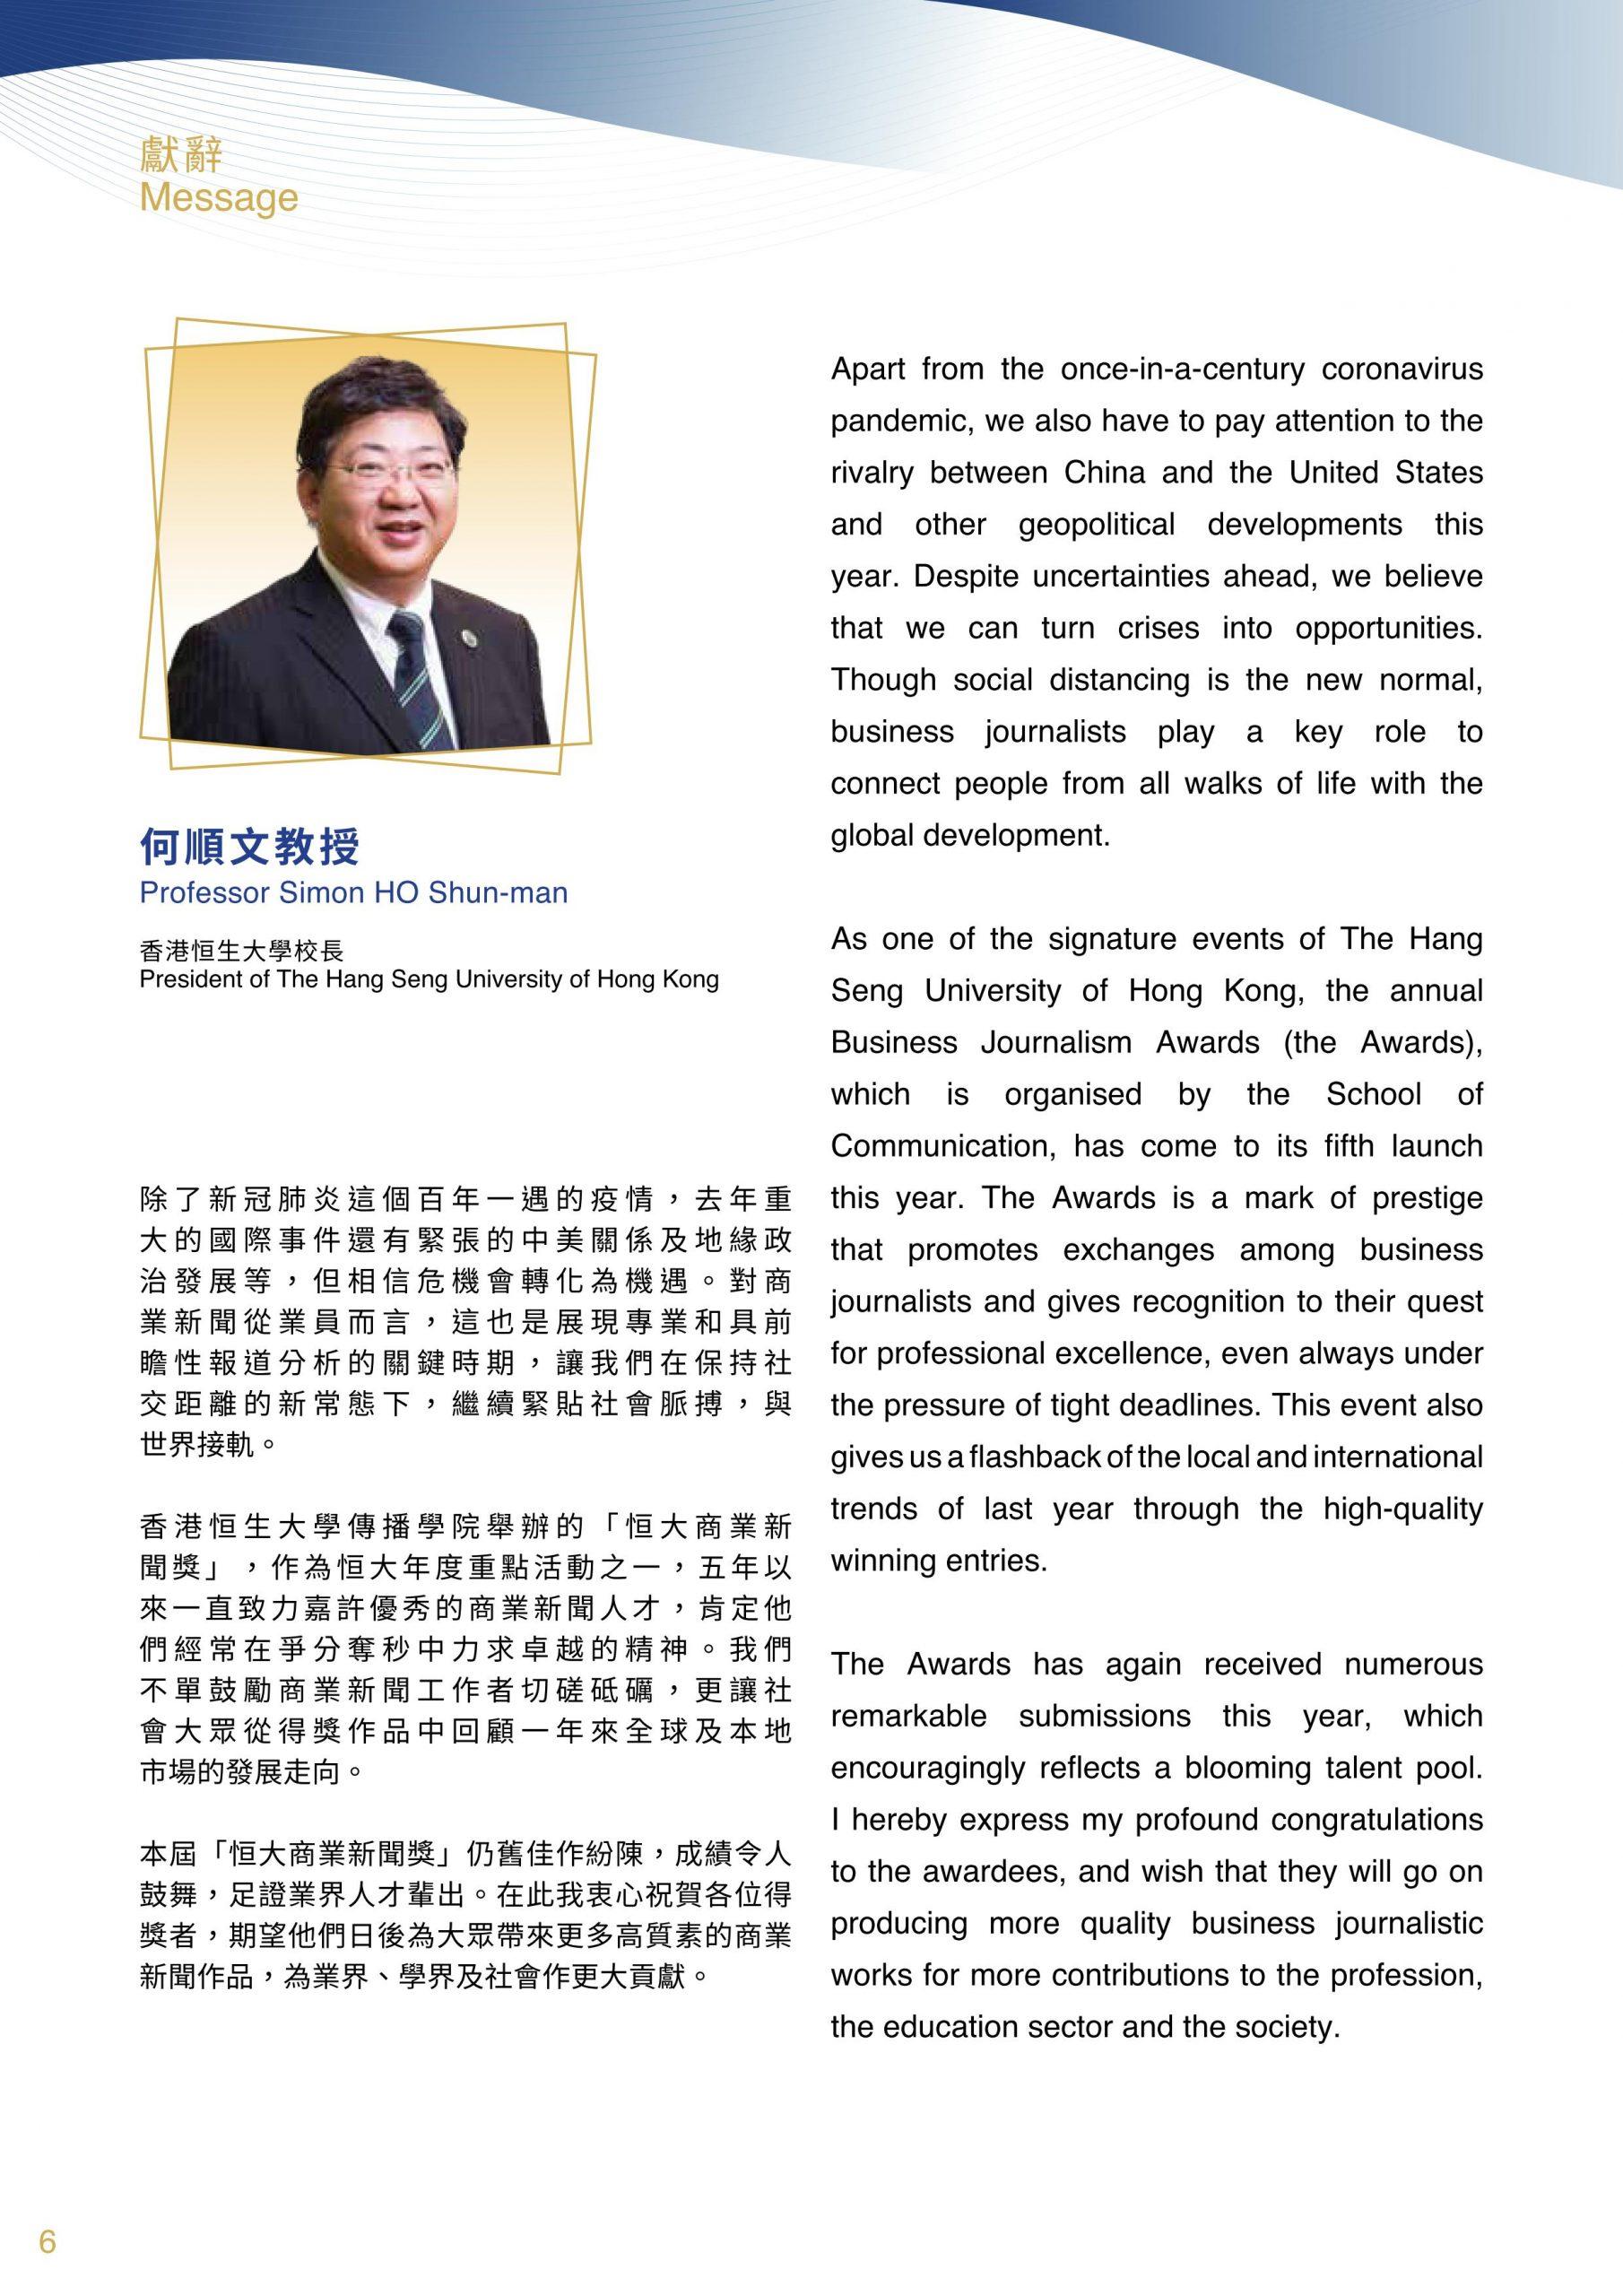 [:en]BJA Booklet_Message_Prof Simon Ho[:hk]第五屆恒大商業新聞獎_場刊_嘉賓獻辭_何順文教授[:]